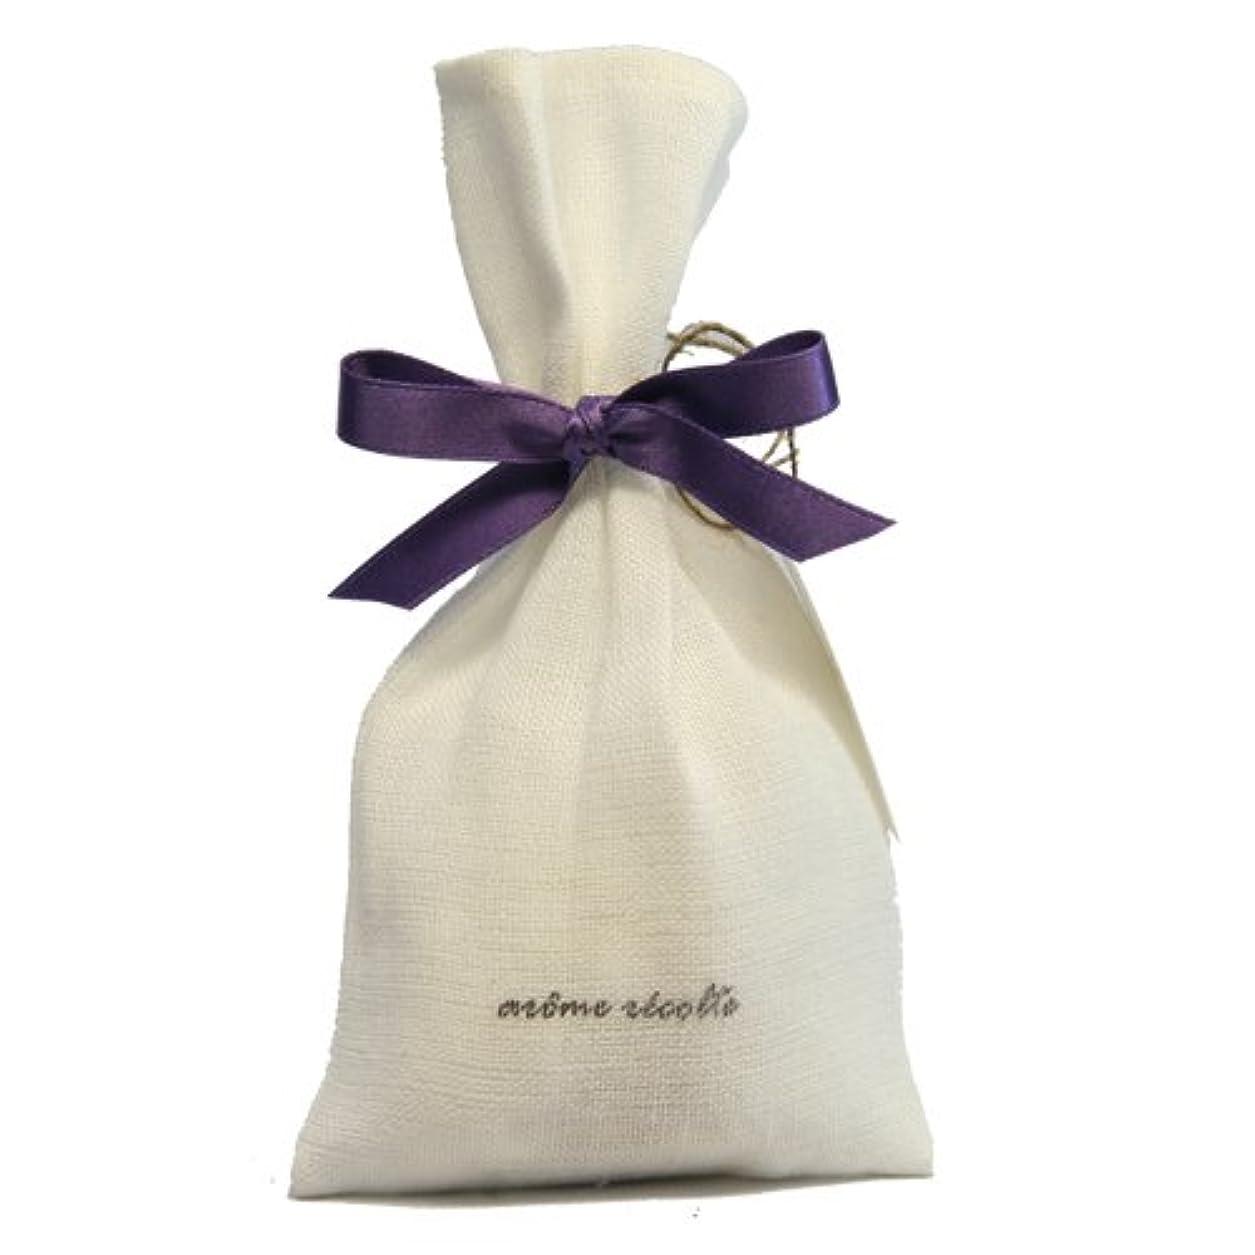 不道徳学者においアロマレコルト ナチュラルサシェ(香り袋) フローラル【Floral】 arome rcolte